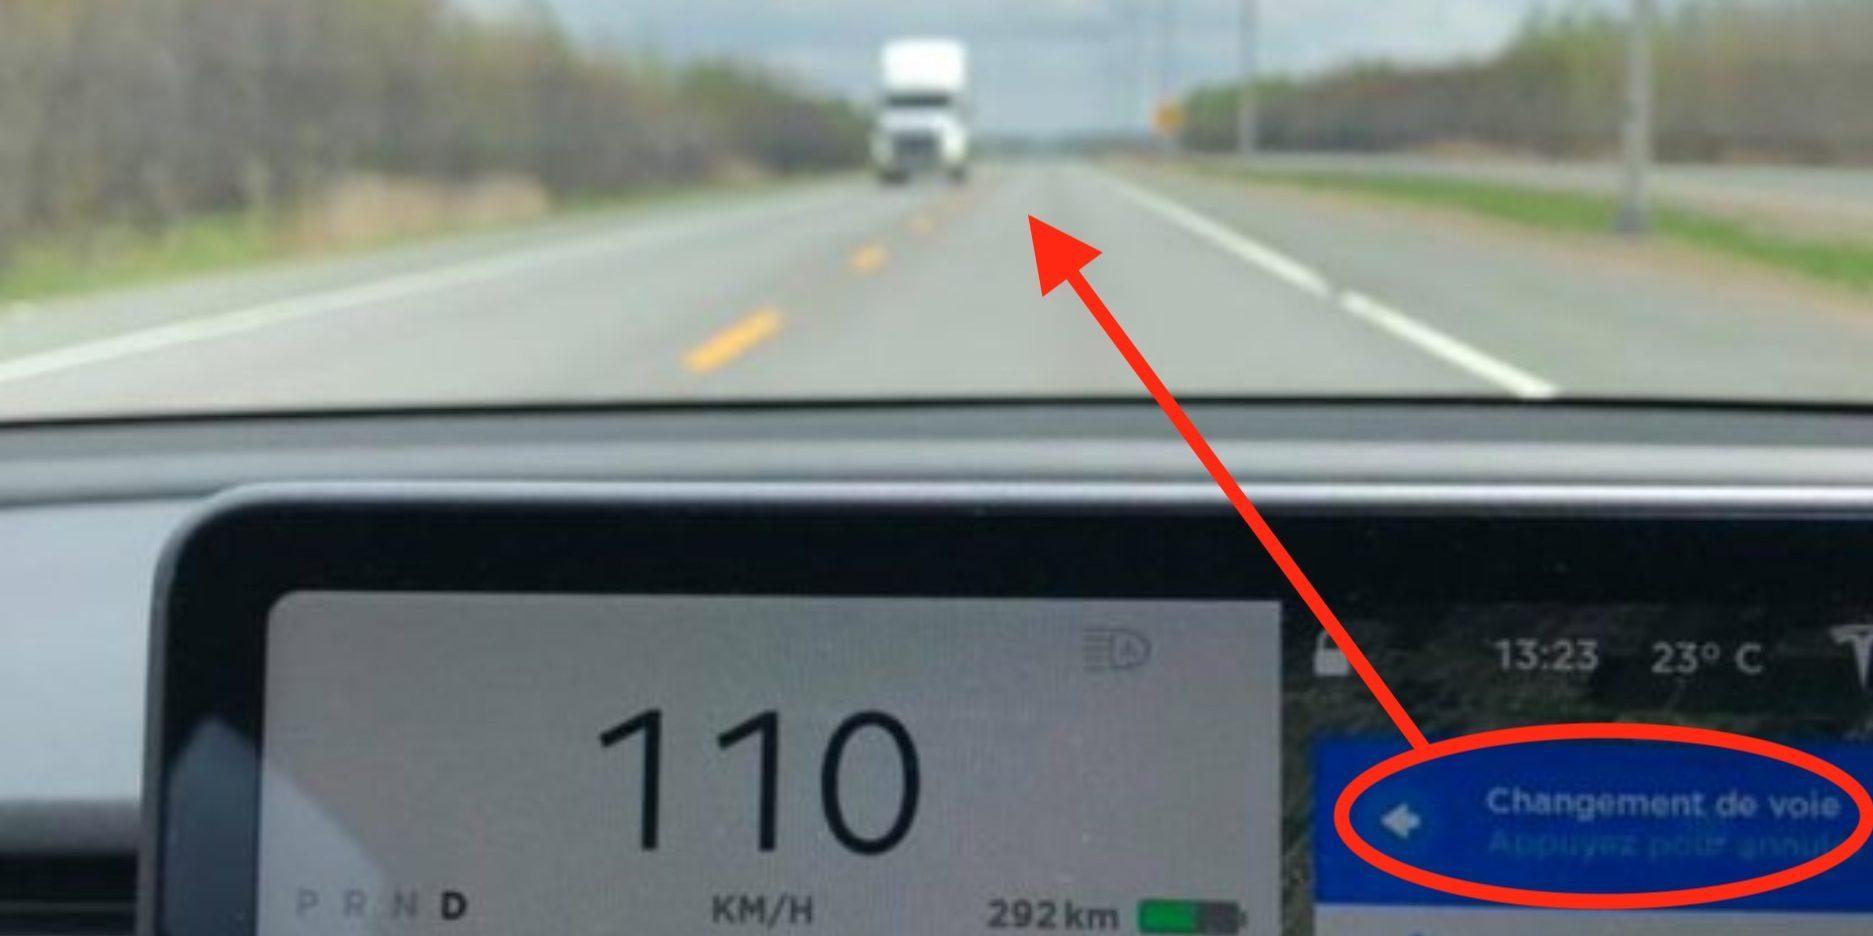 Her foreslår autopilotfunksjon i Tesla å skifte fil til motgående felt